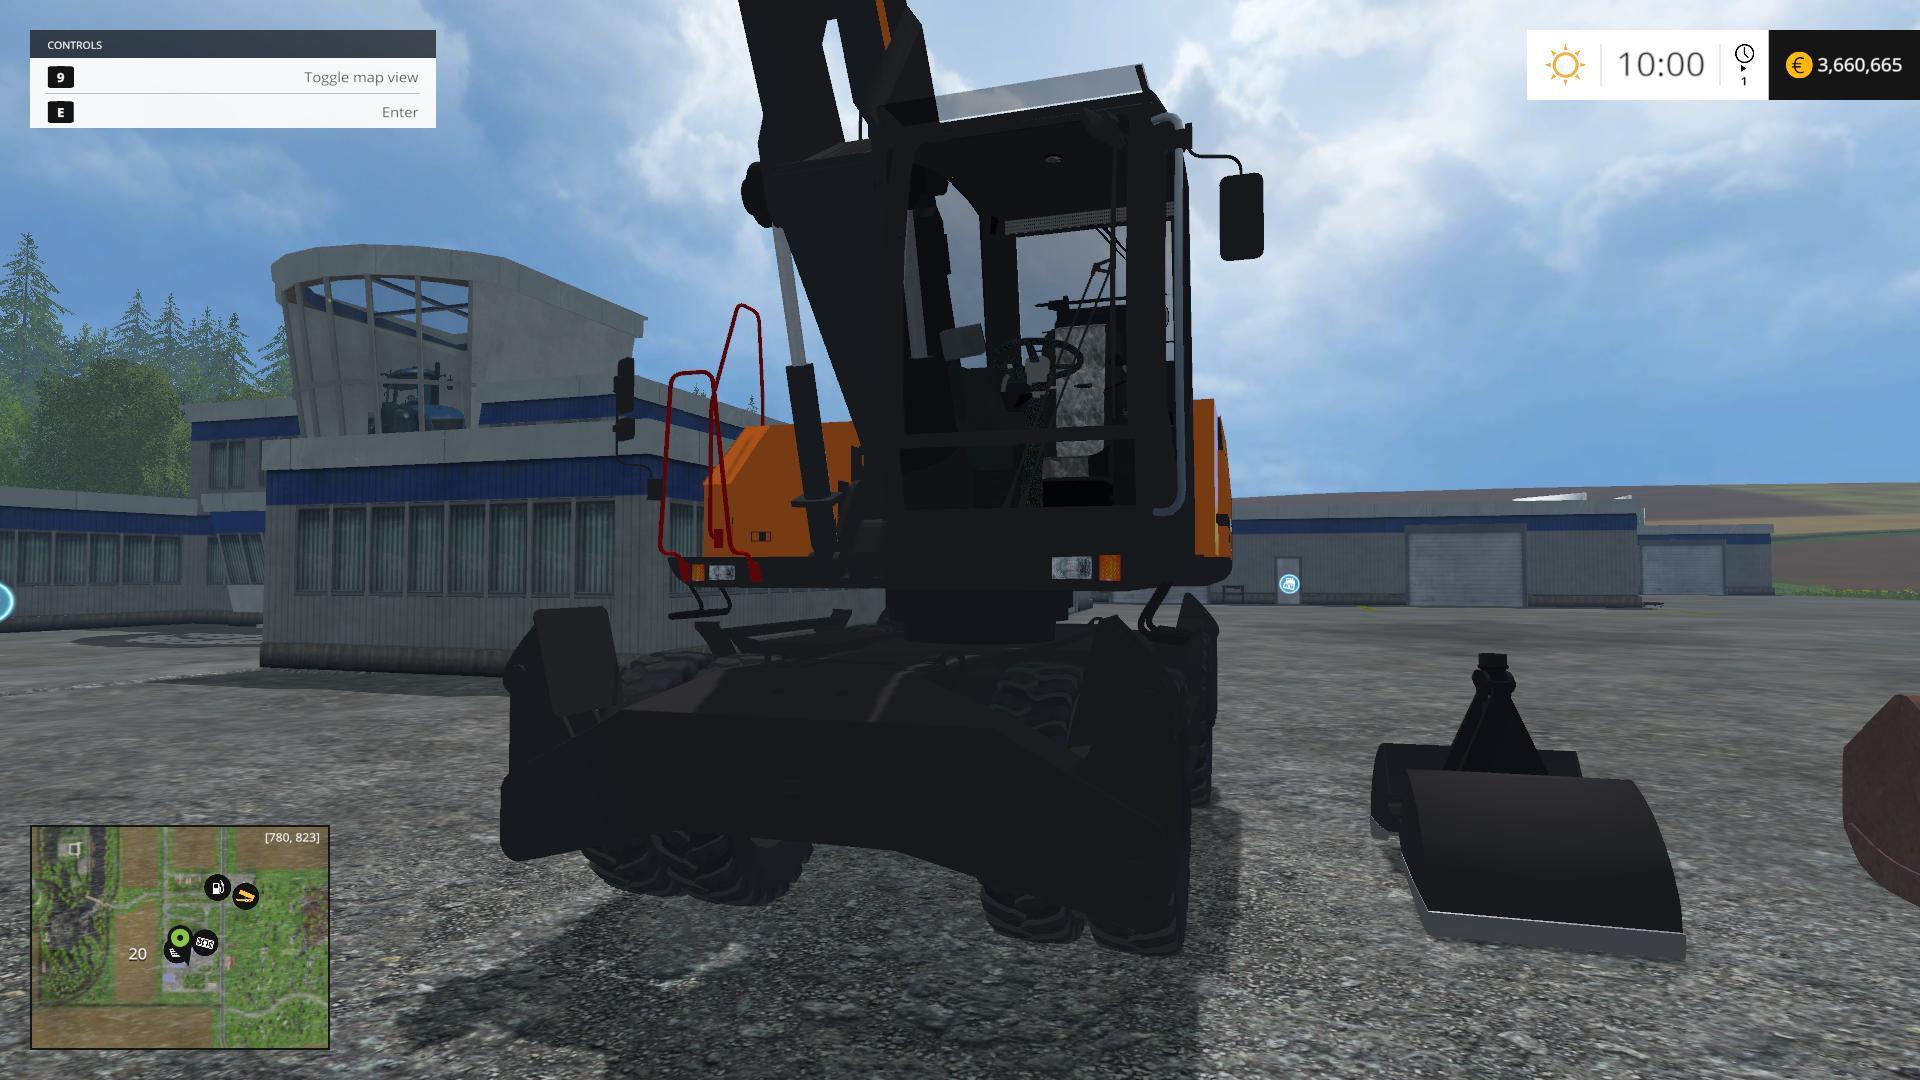 ATLAS 250MH V2 FS 2015 - Farming simulator 2019 / 2017